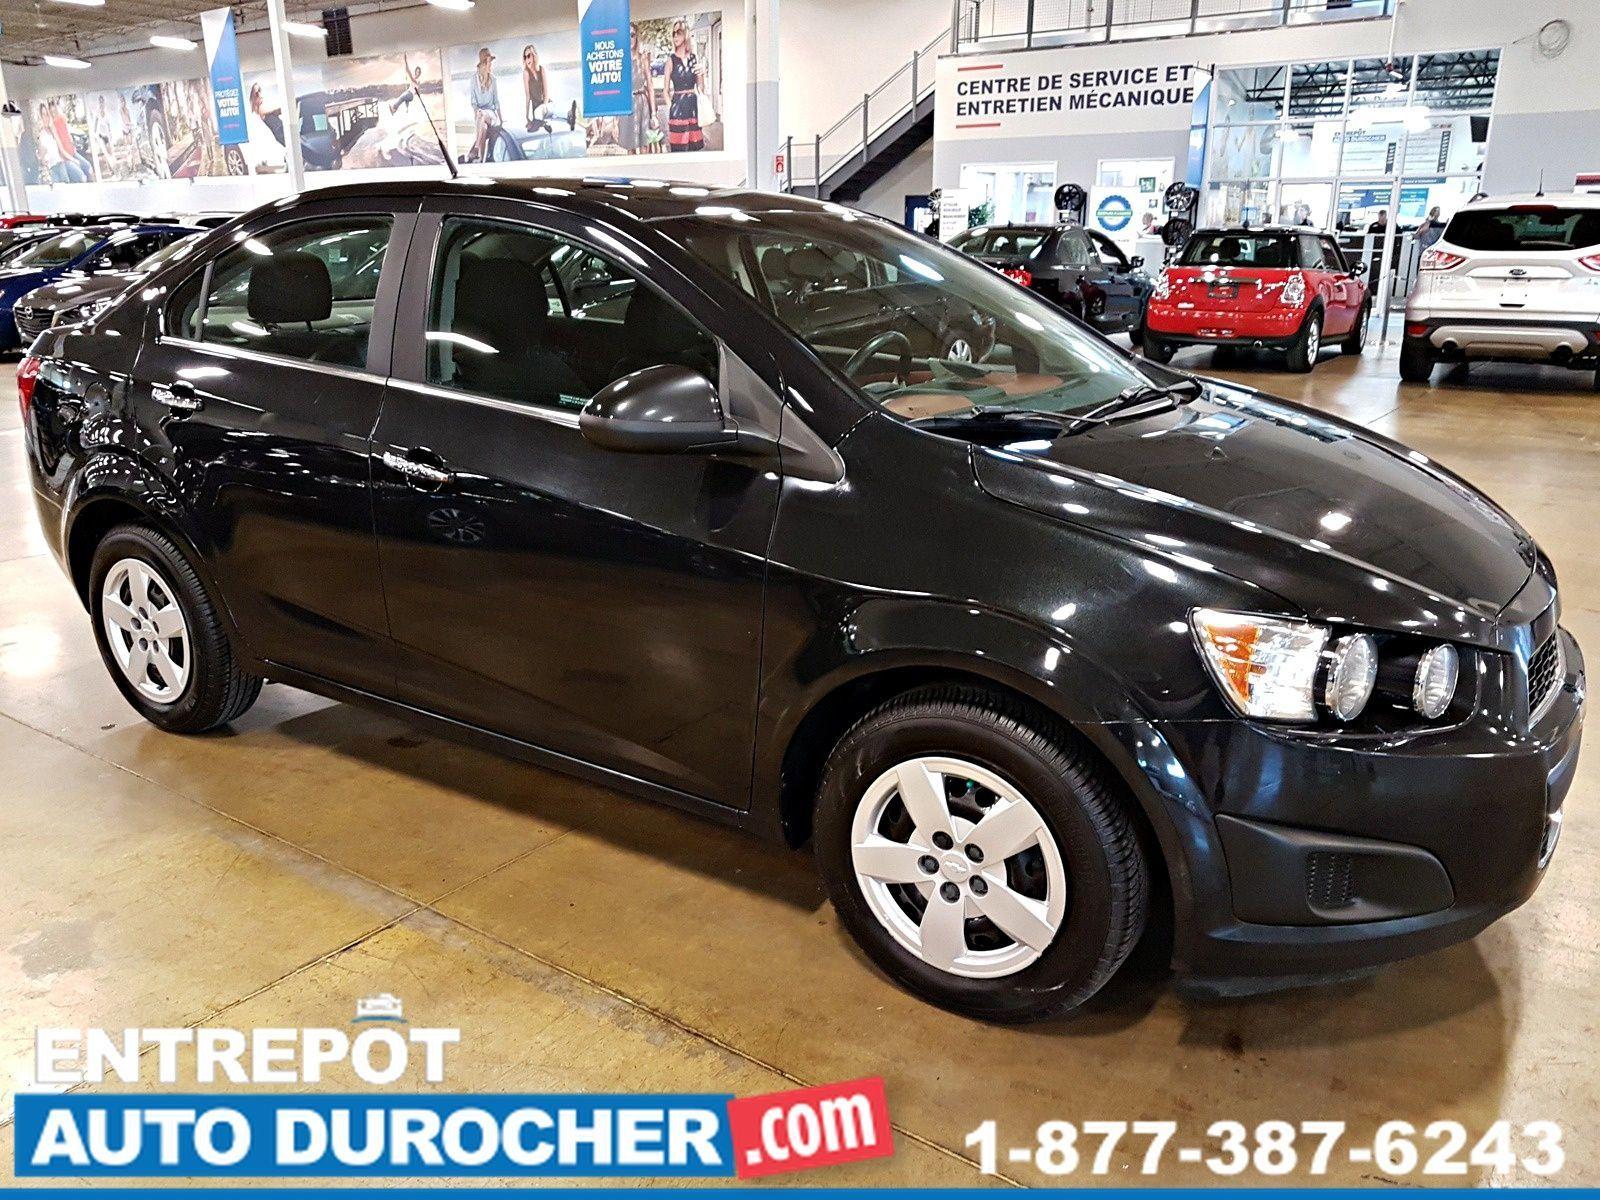 2013  Chevrolet Sonic LT - AIR CLIMATISÉ - Bluetooth - Groupe Électrique